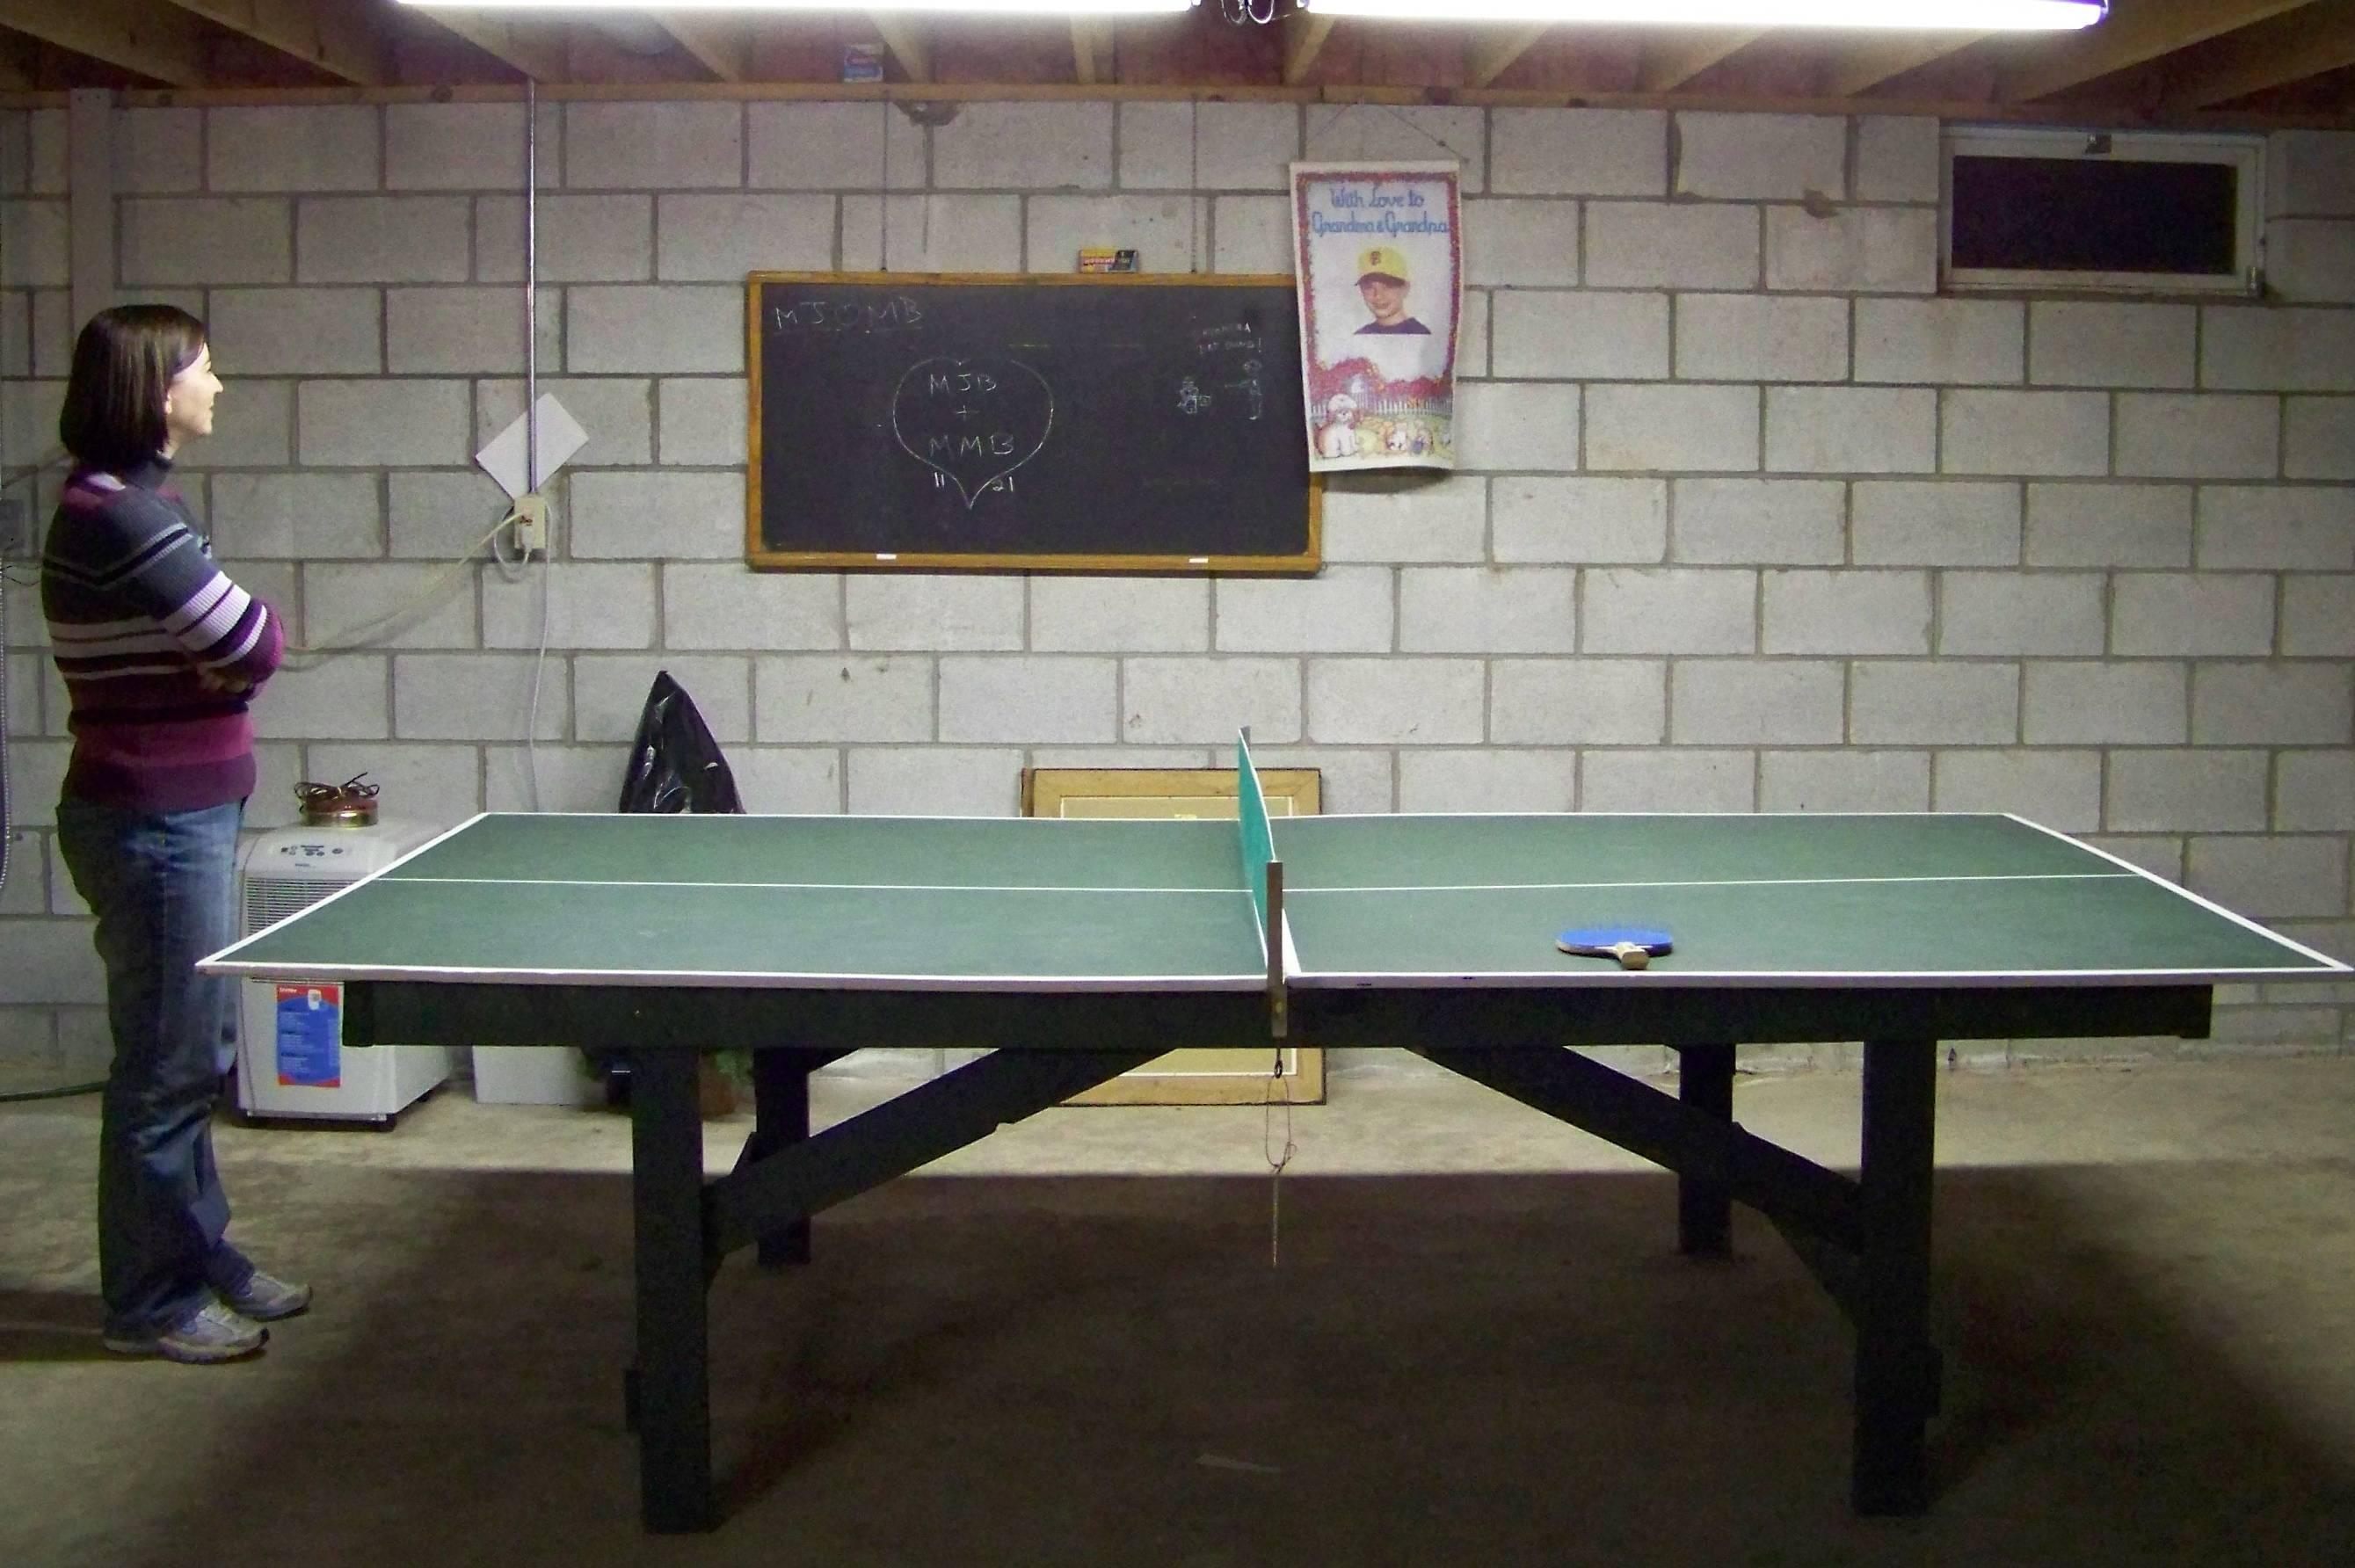 Некоммерческий пинг-понг-клуб в своем квартале, почему бы и нет? Фото: thequiltbear.com